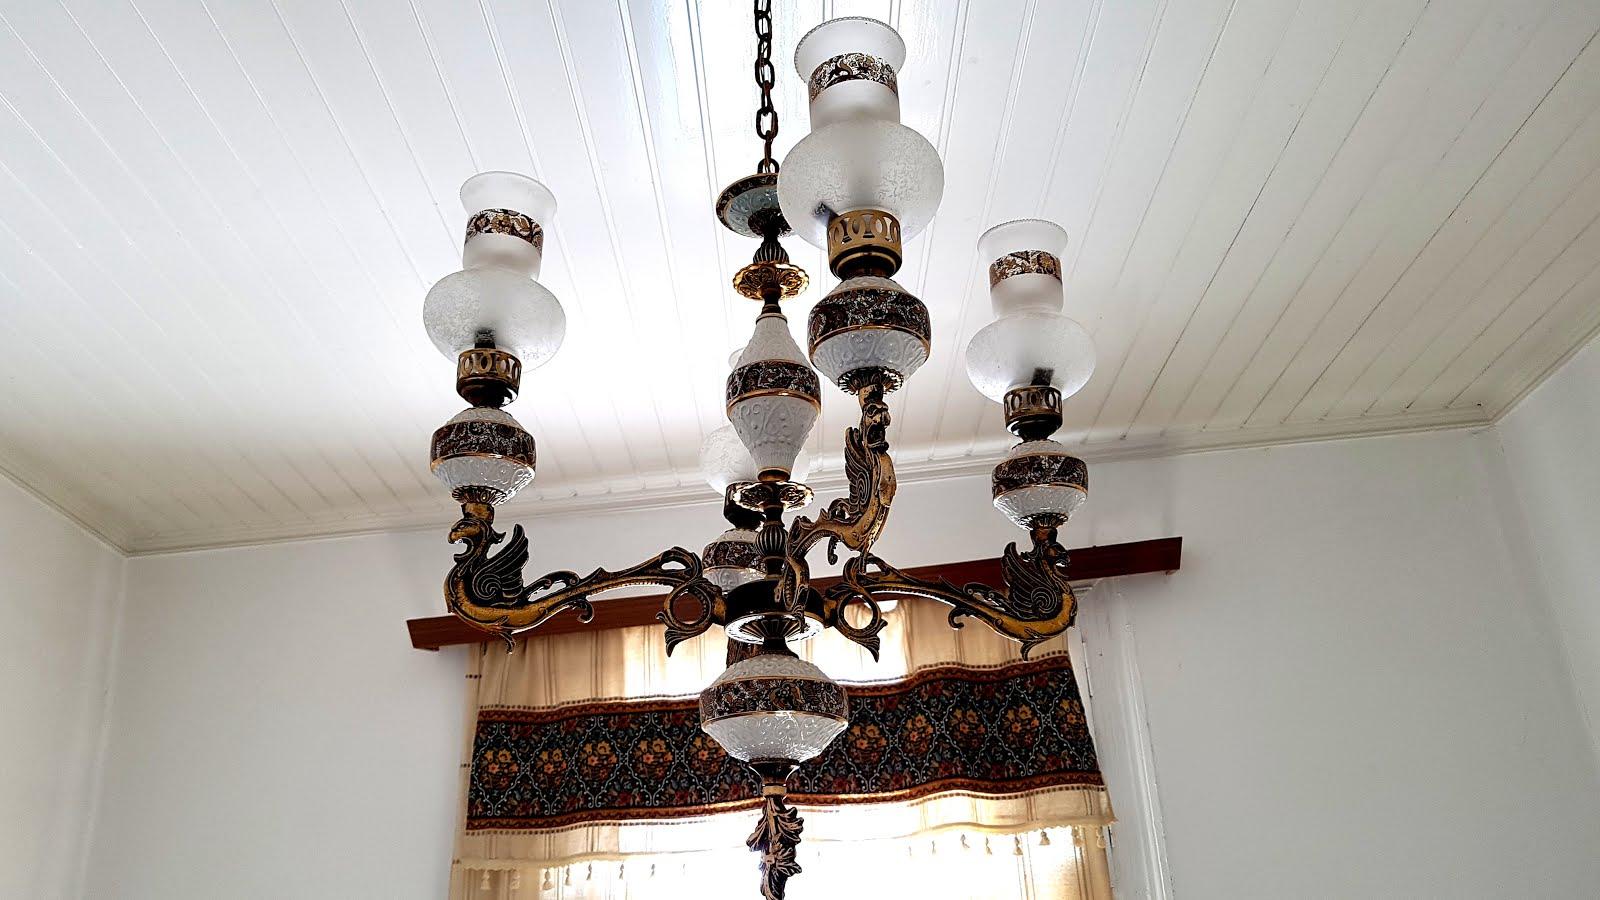 Σάμος: Όταν το φως συναντά το μέταλλο και την πορσελάνη